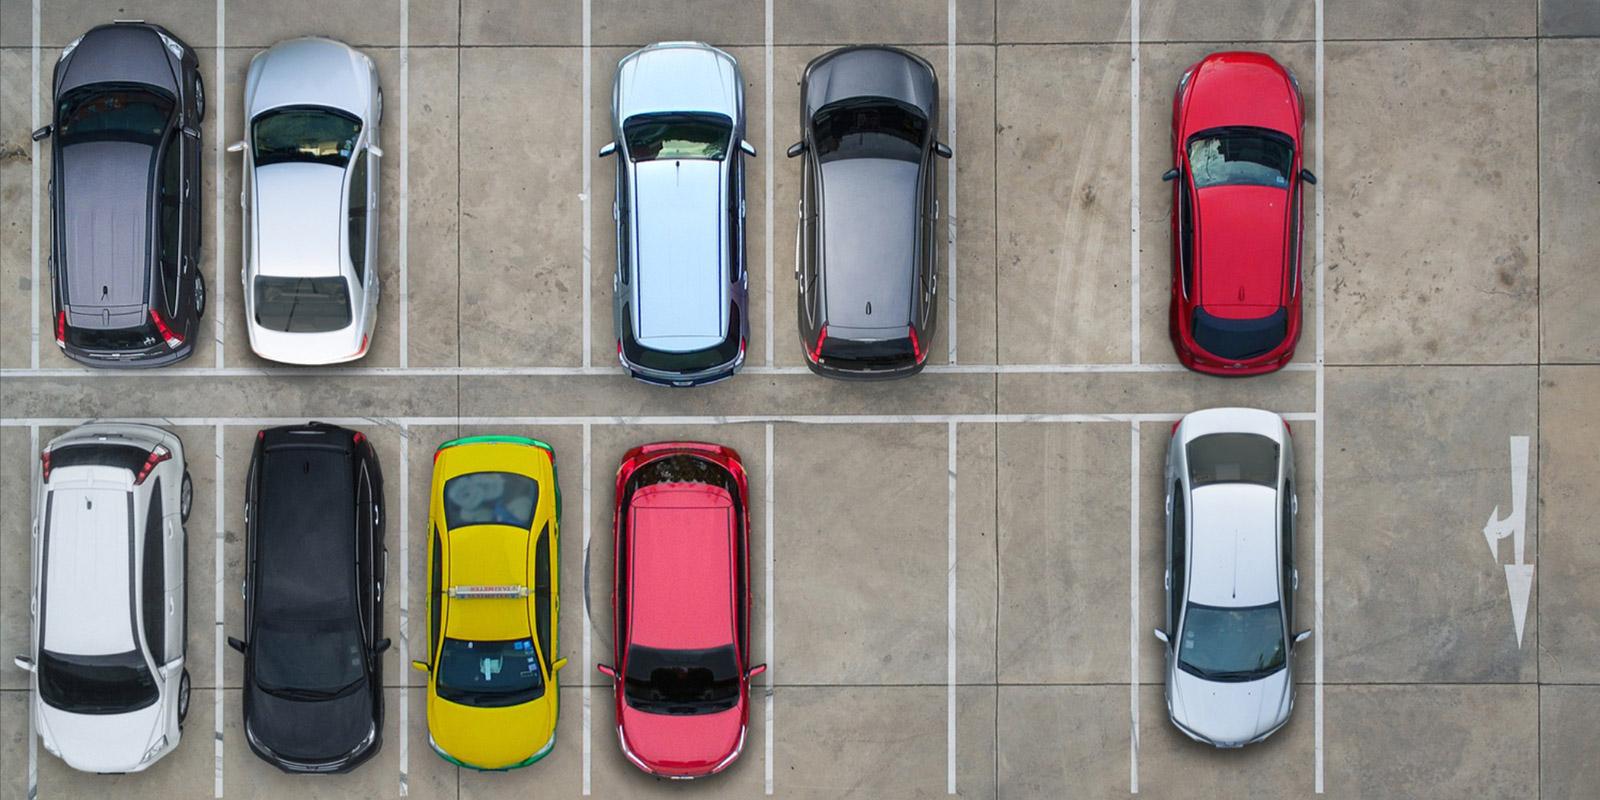 Odřený lak, promáčklá SPZ. Parkování u obchodních domů je strašákem mnoha řidičů